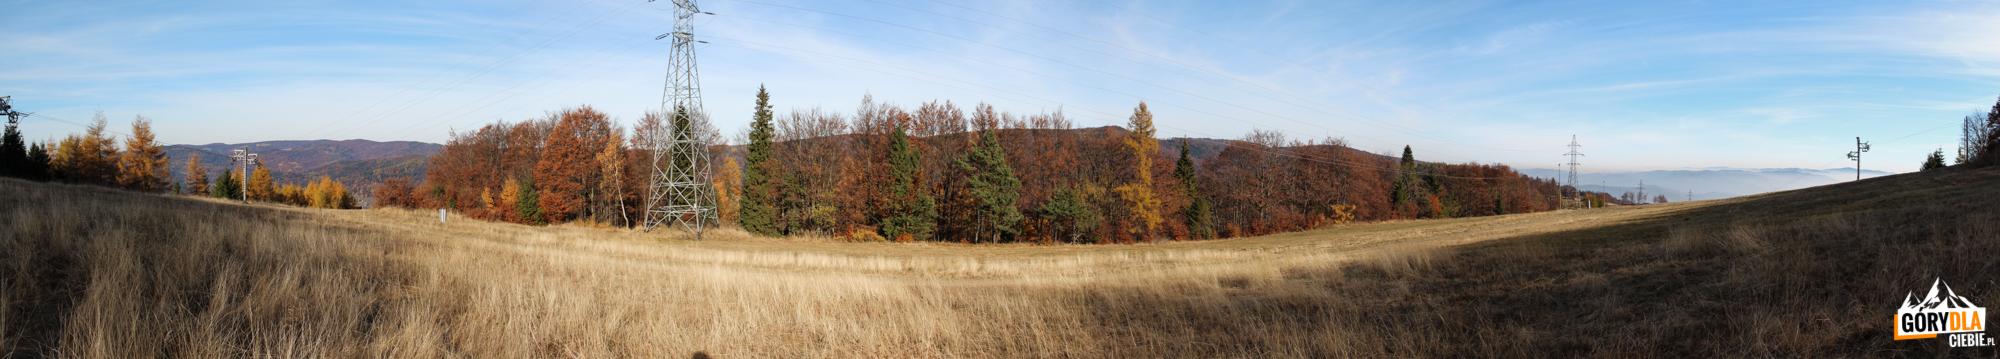 Widok z Jaworzynki (1001 m) na dwie doliny: Wierchomlę (po lewej) i Szczawnik (po prawej)